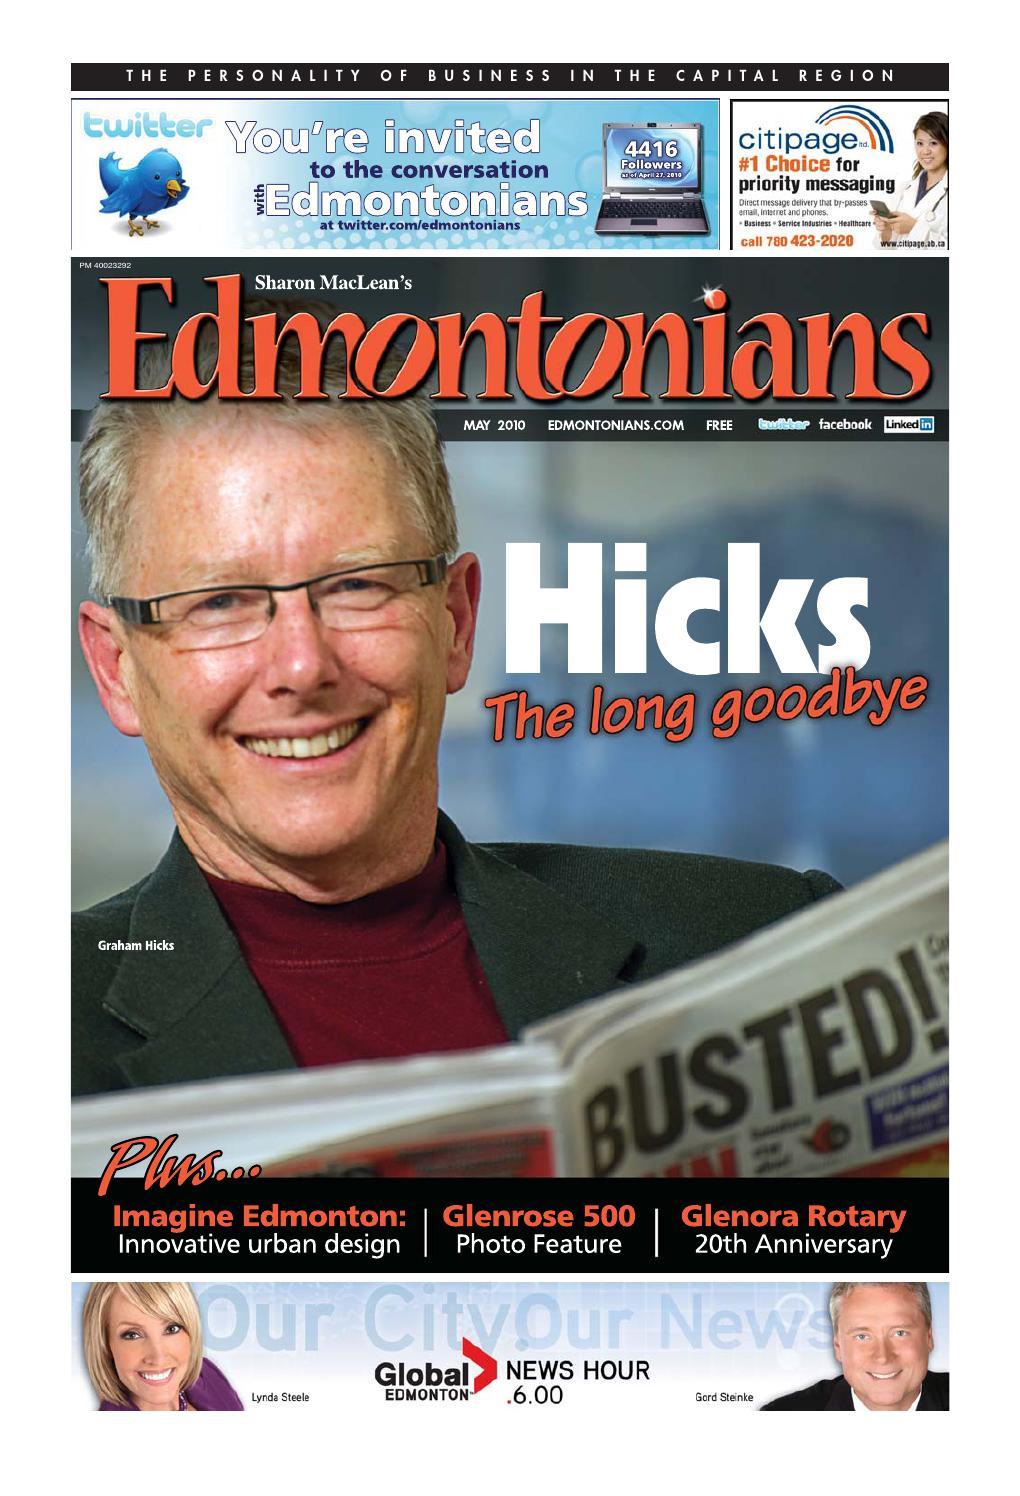 Edmontonians May10 by Edmontonians Newsmagazine - issuu